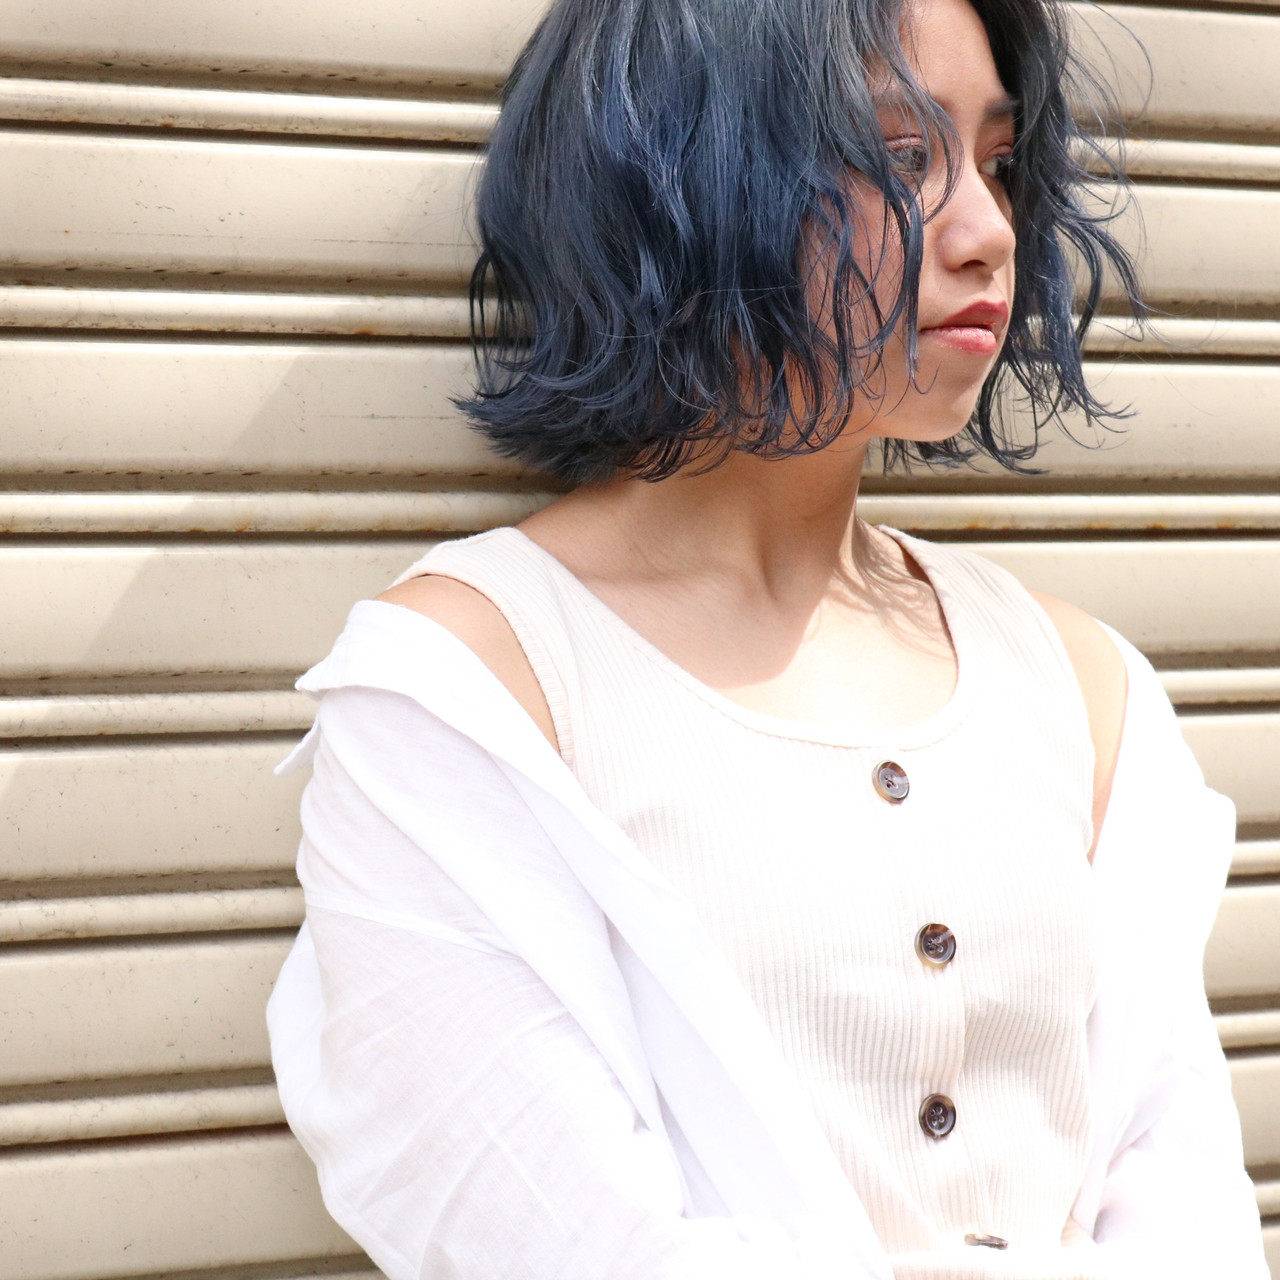 ブルージュ アッシュグレージュ ネイビーブルー ボブ ヘアスタイルや髪型の写真・画像 | 中村明俊 / AUBE hair